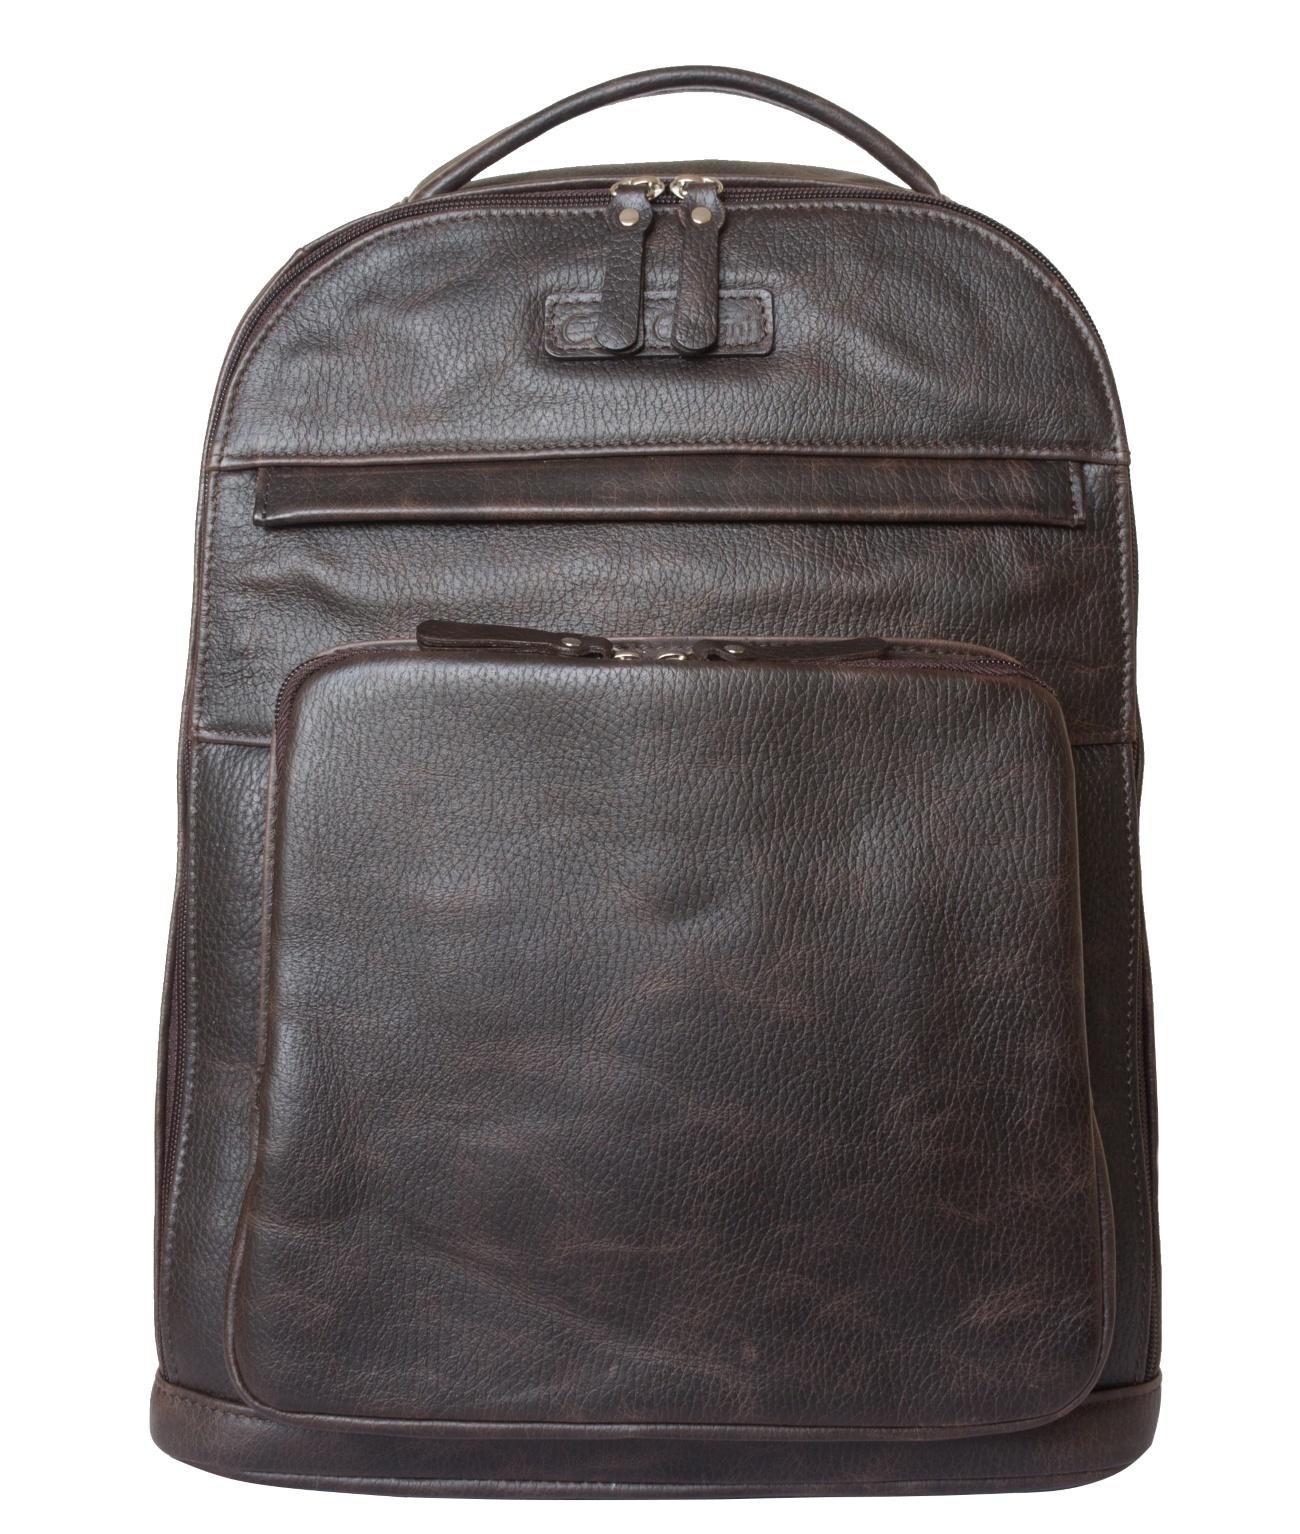 Рюкзак Carlo Gattini Montegrotto, темно-коричневый цена